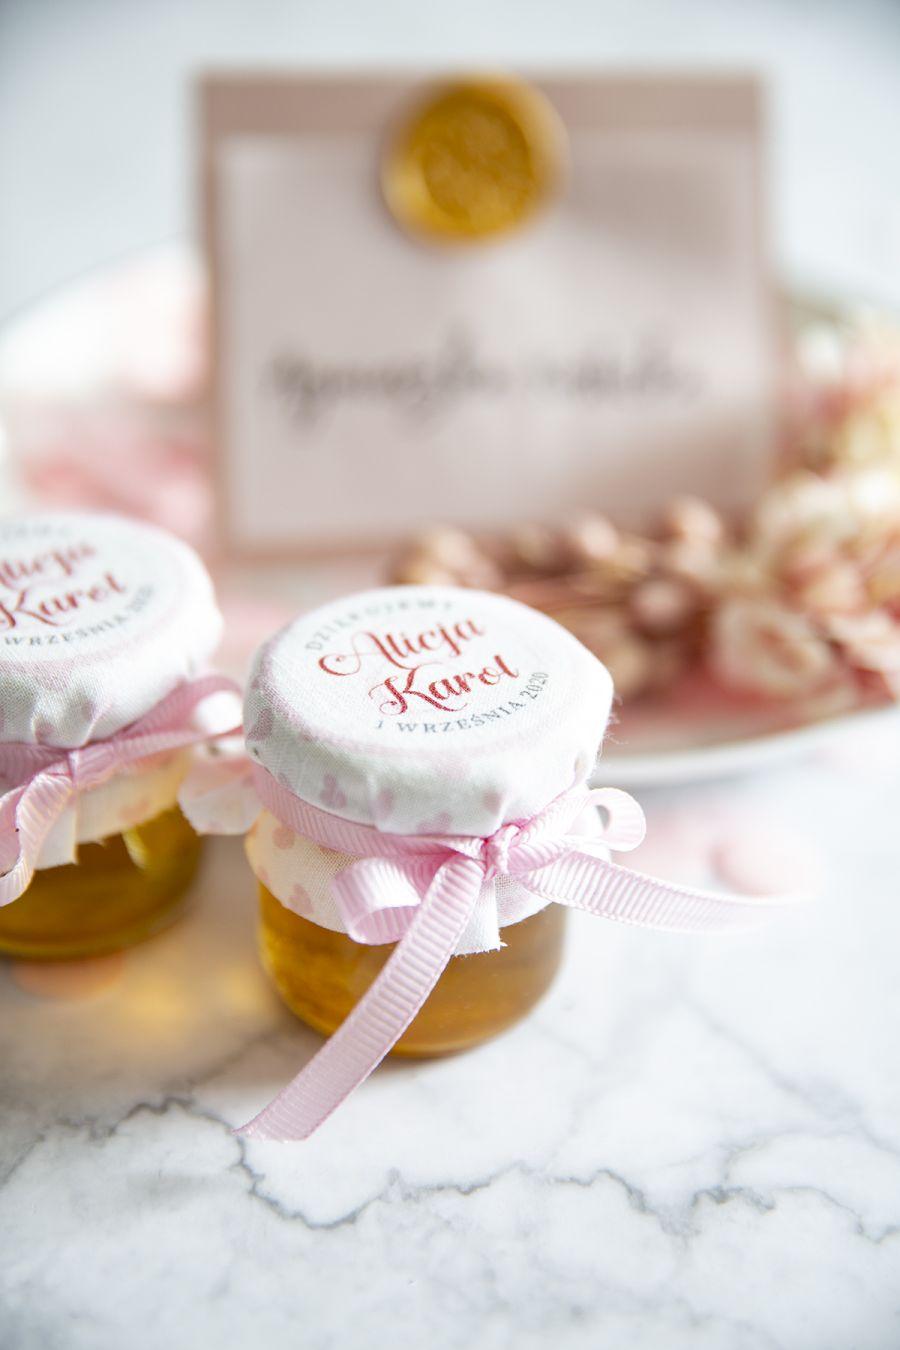 miodki ślubne z podziękowaniami dla gości